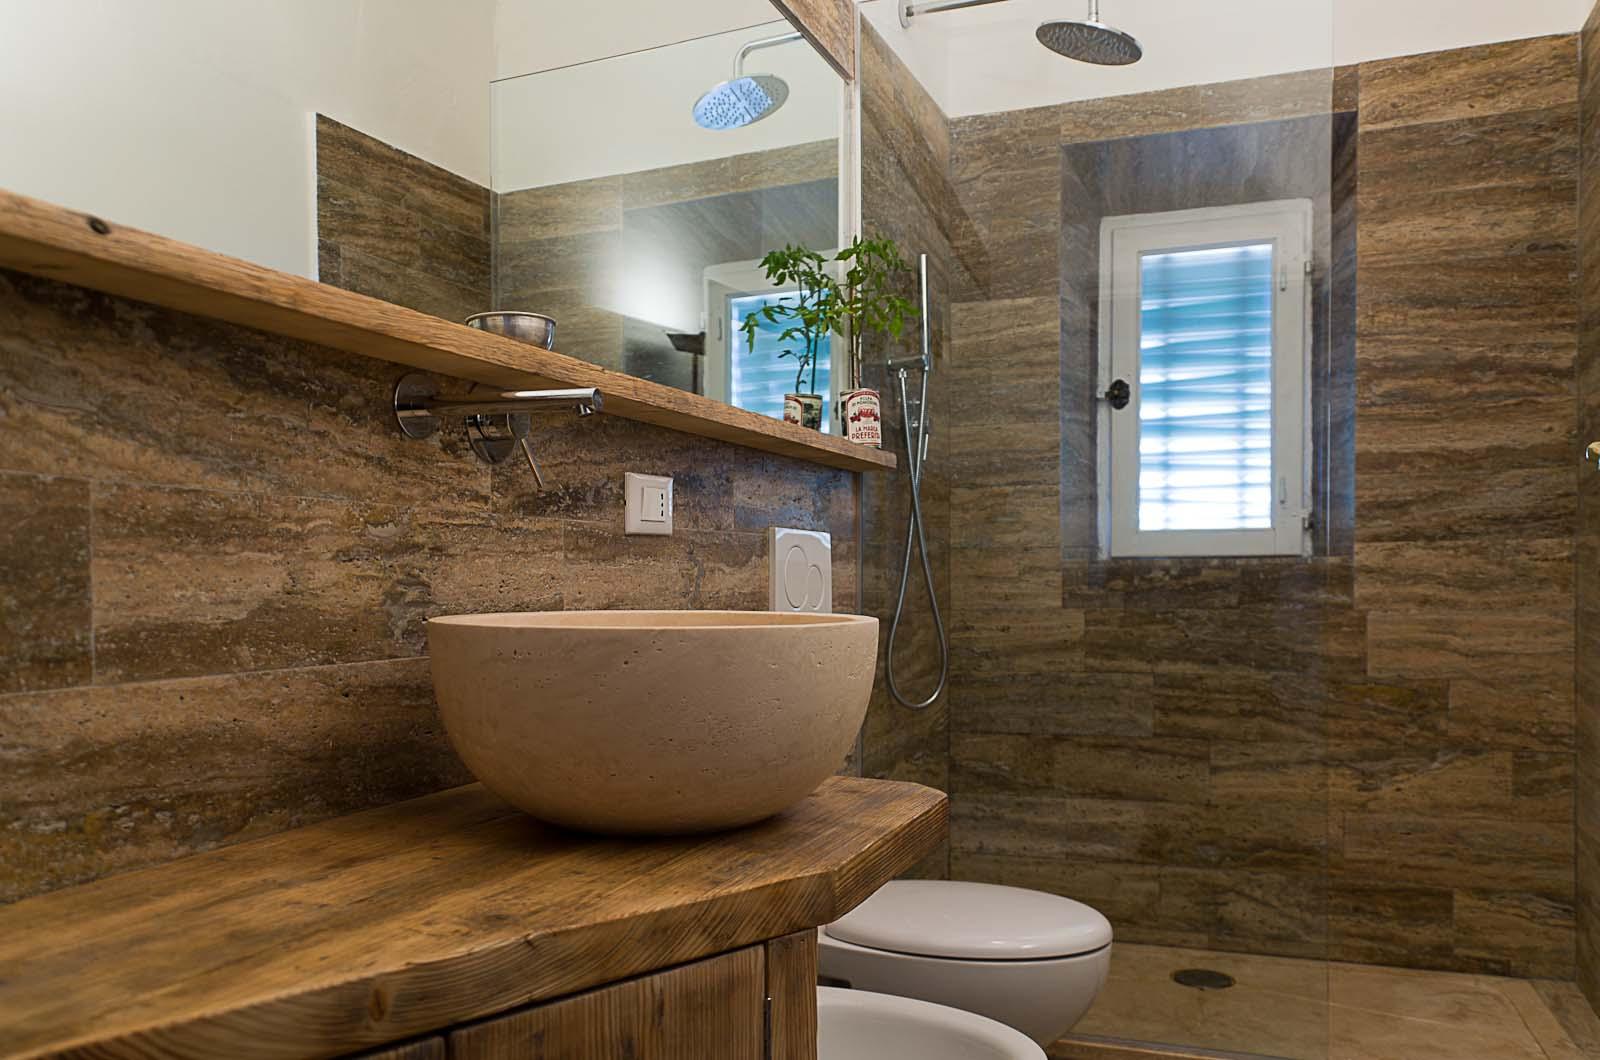 Scegliere il lavabo in marmo per l arredo del bagno lavandino in marmo - Lavabo pietra bagno ...